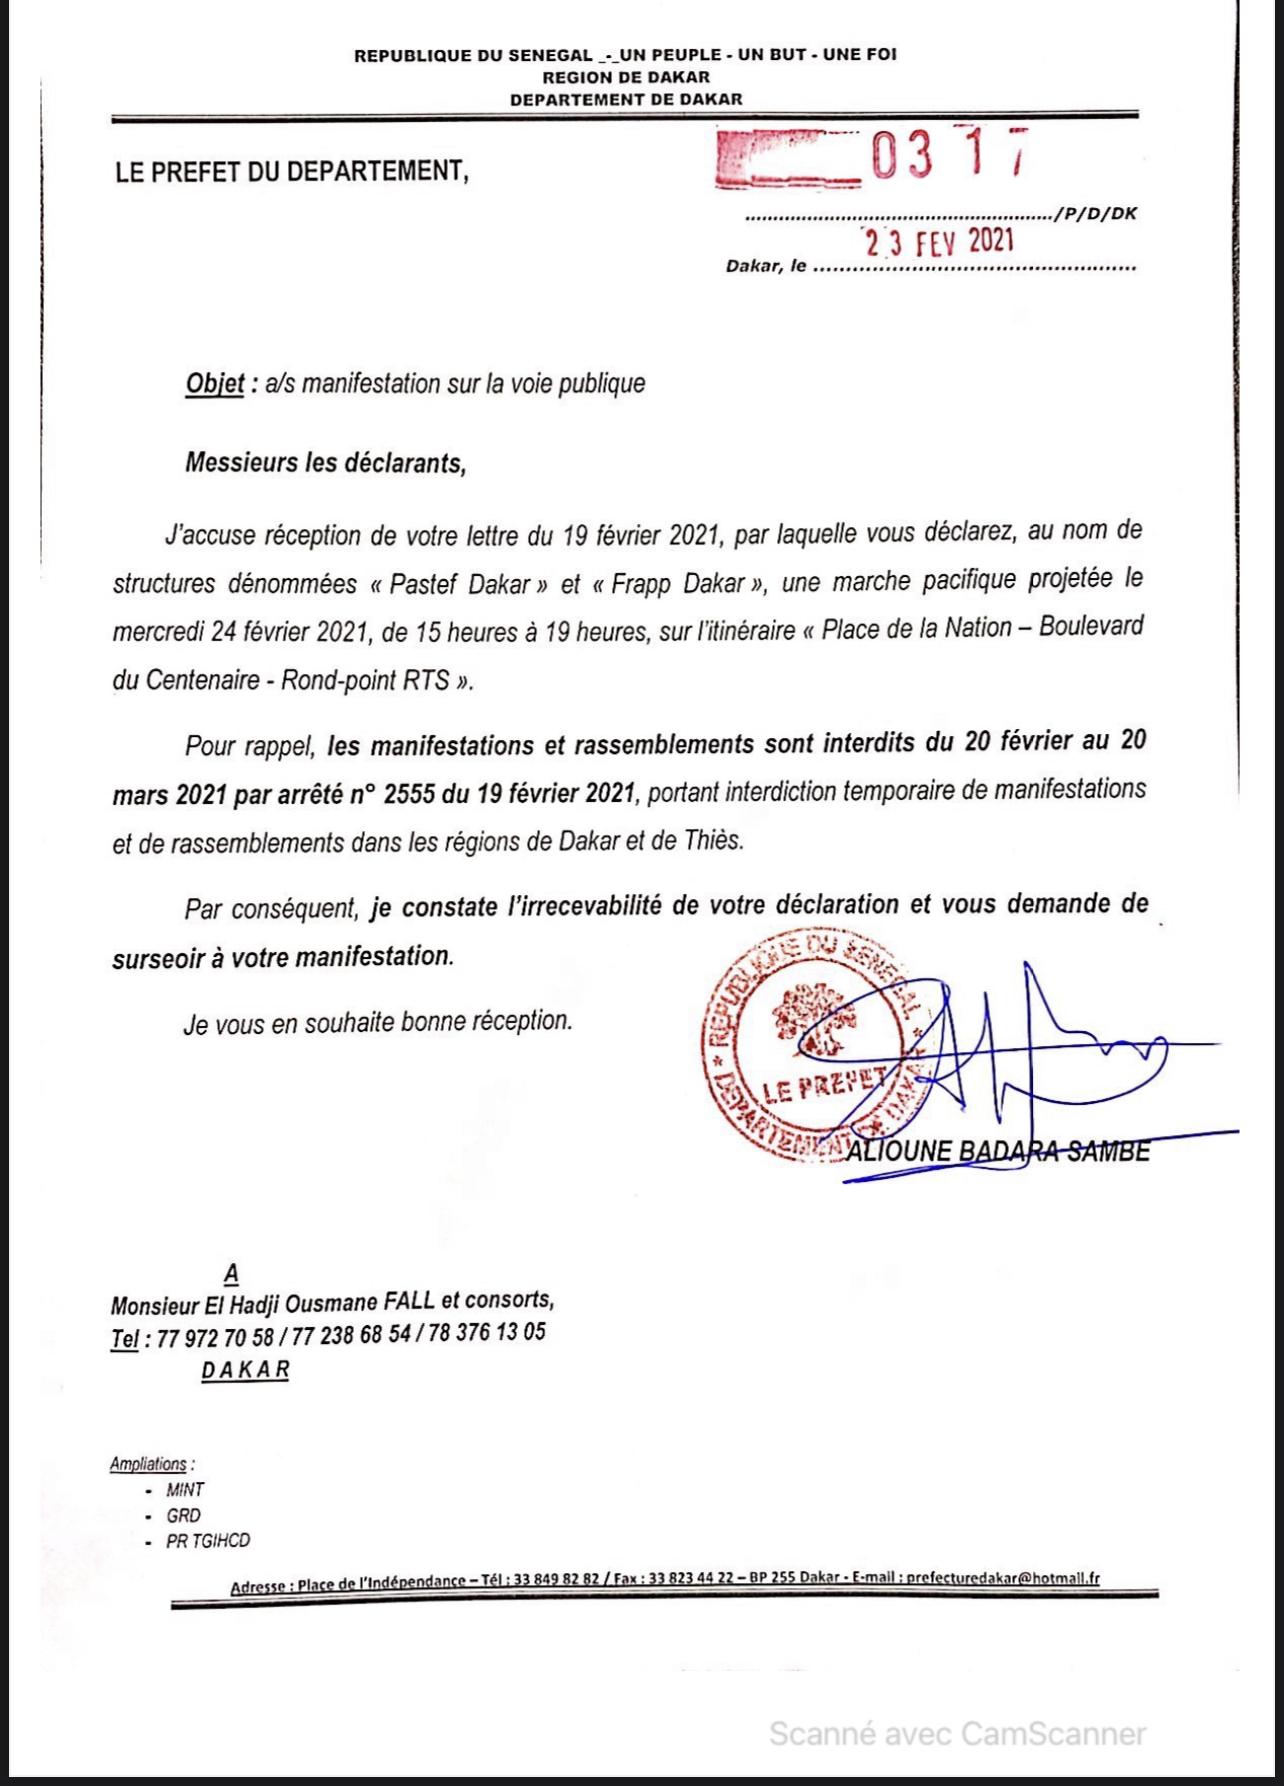 Marche de Pastef et de Frapp demain à la place de la Nation : Le préfet de Dakar rappelle l'irrecevabilité de la demande en cette période de pandémie où les rassemblements sont interdits. (DOCUMENTS)